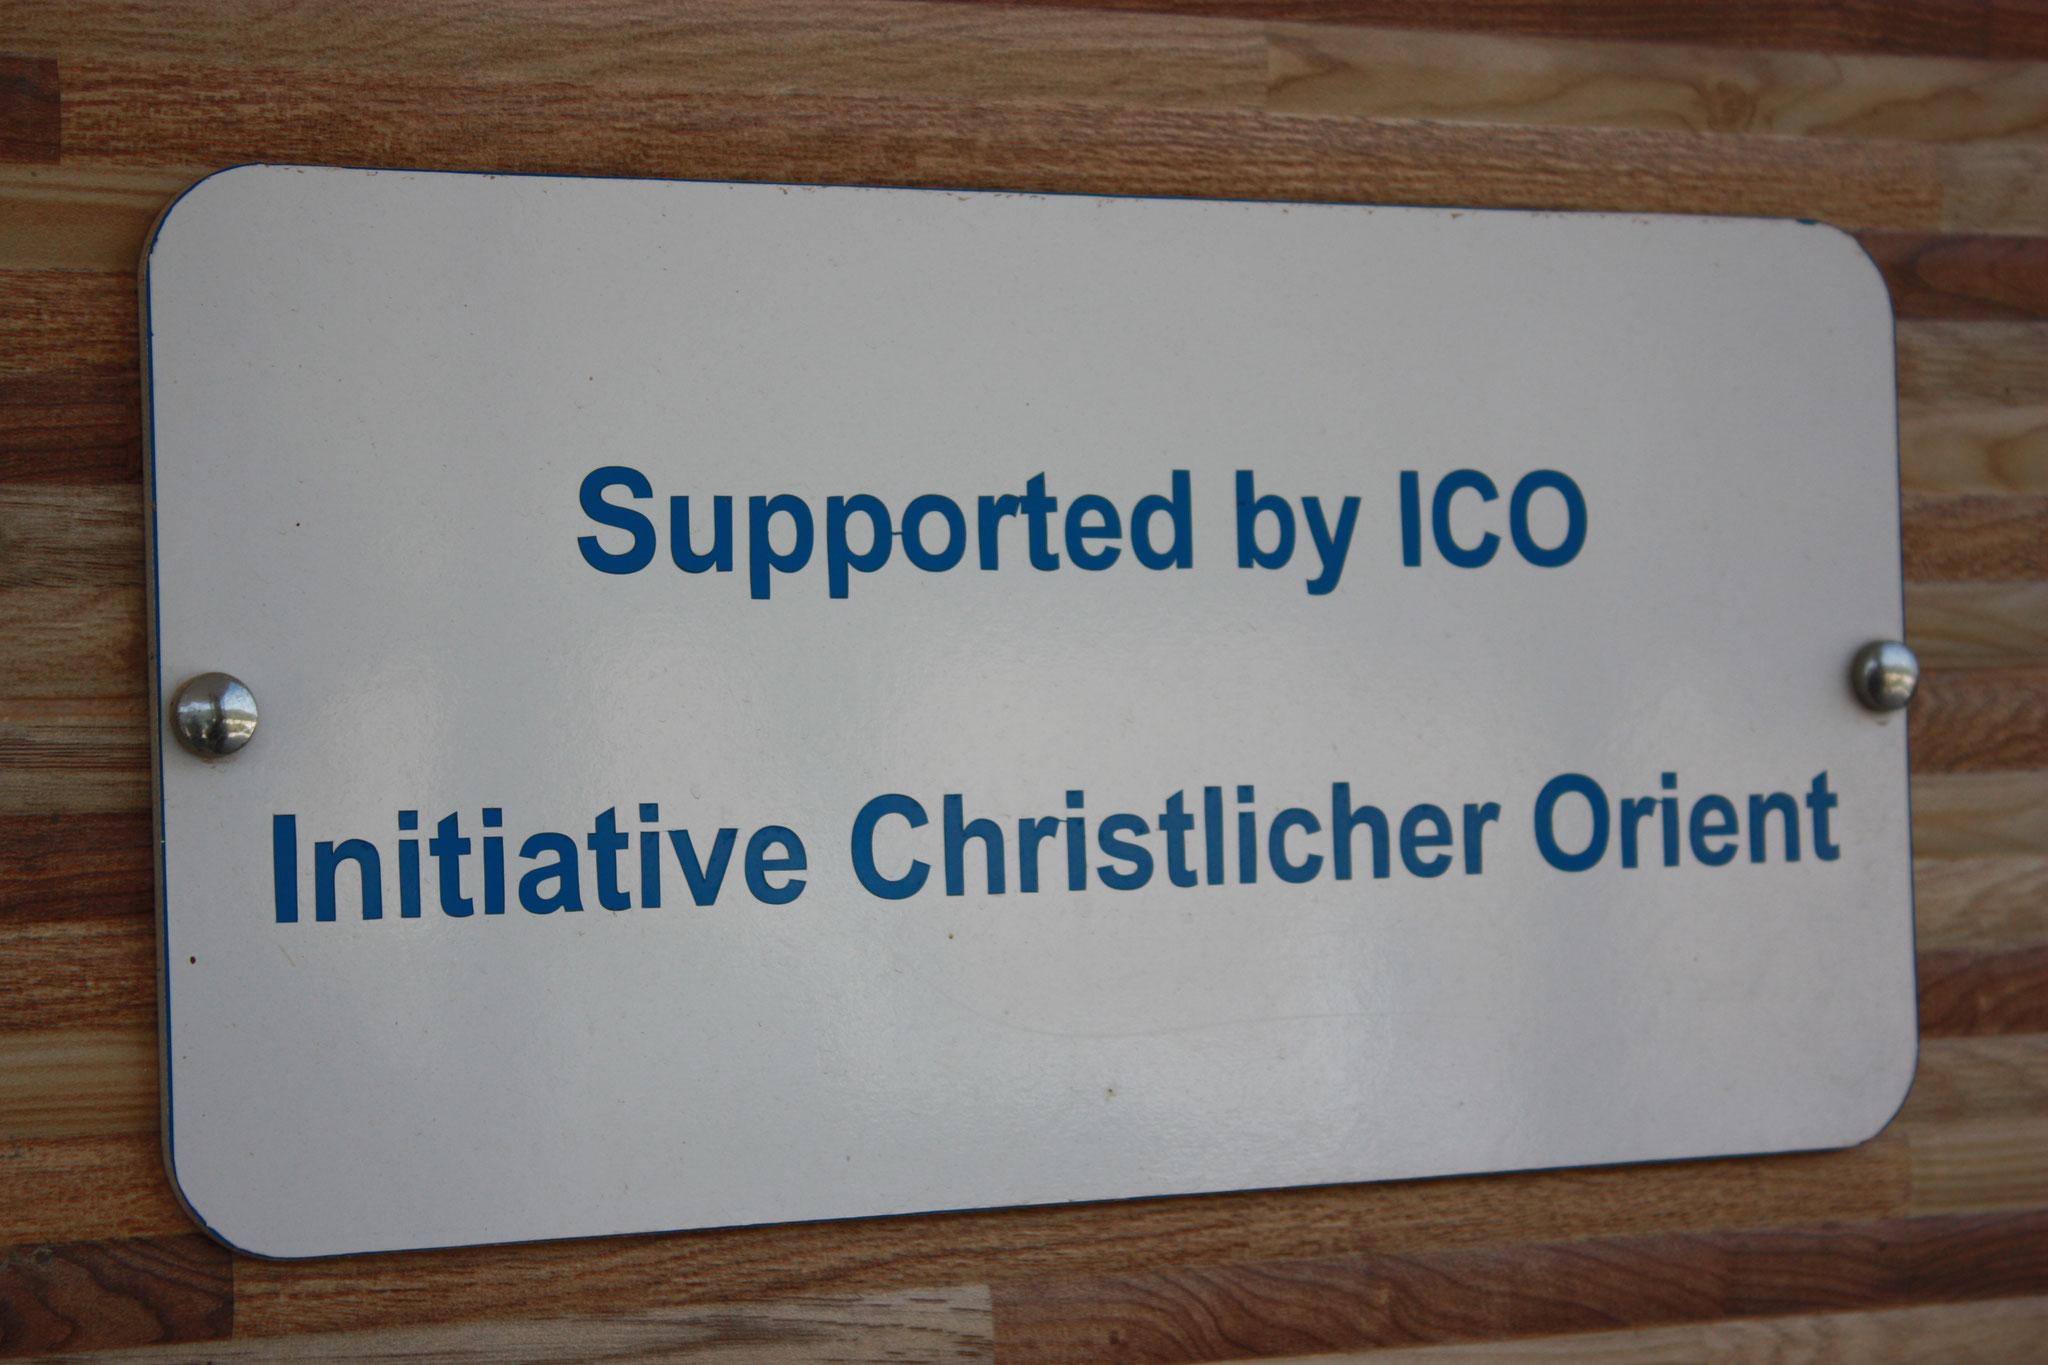 Gedenktafel für ICO-Unterstützungen